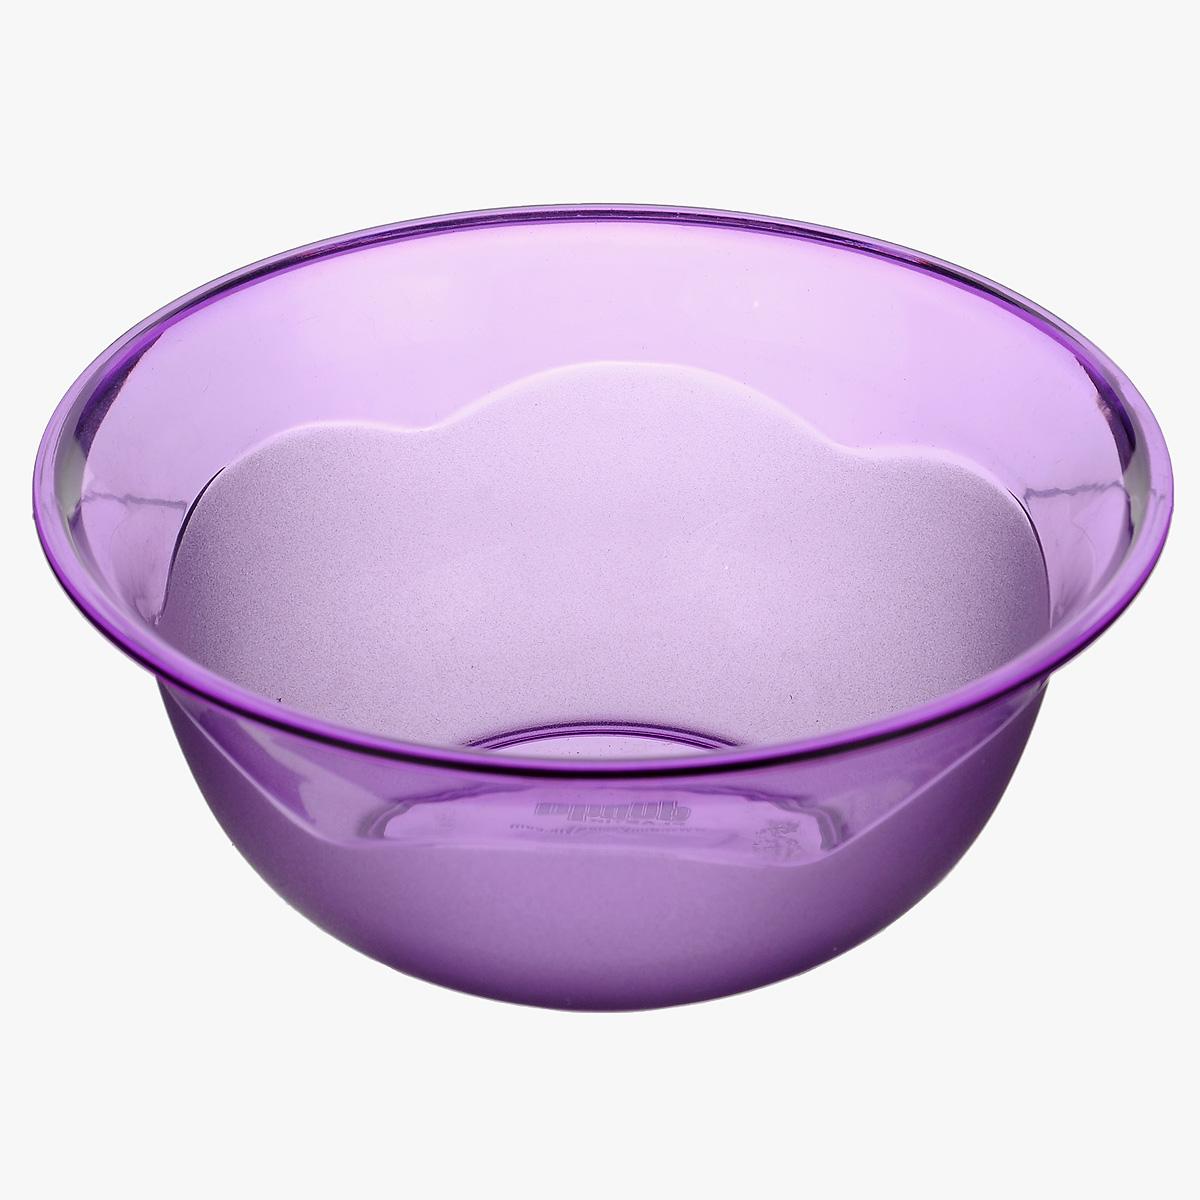 Миска Dunya Plastik, цвет: сиреневый, 0,5 л11161_сиреневыйМиска Dunya Plastik изготовлена из пищевого пластика круглой формы. Внешние стенки миски матовые. Изделие очень функционально, оно пригодится на кухне для самых разнообразных нужд: в качестве салатника, миски, тарелки и т.д.Можно мыть в посудомоечной машине.Объем: 0,5 л.Диаметр миски (по верхнему краю): 14 см.Высота стенки: 6,1 см.